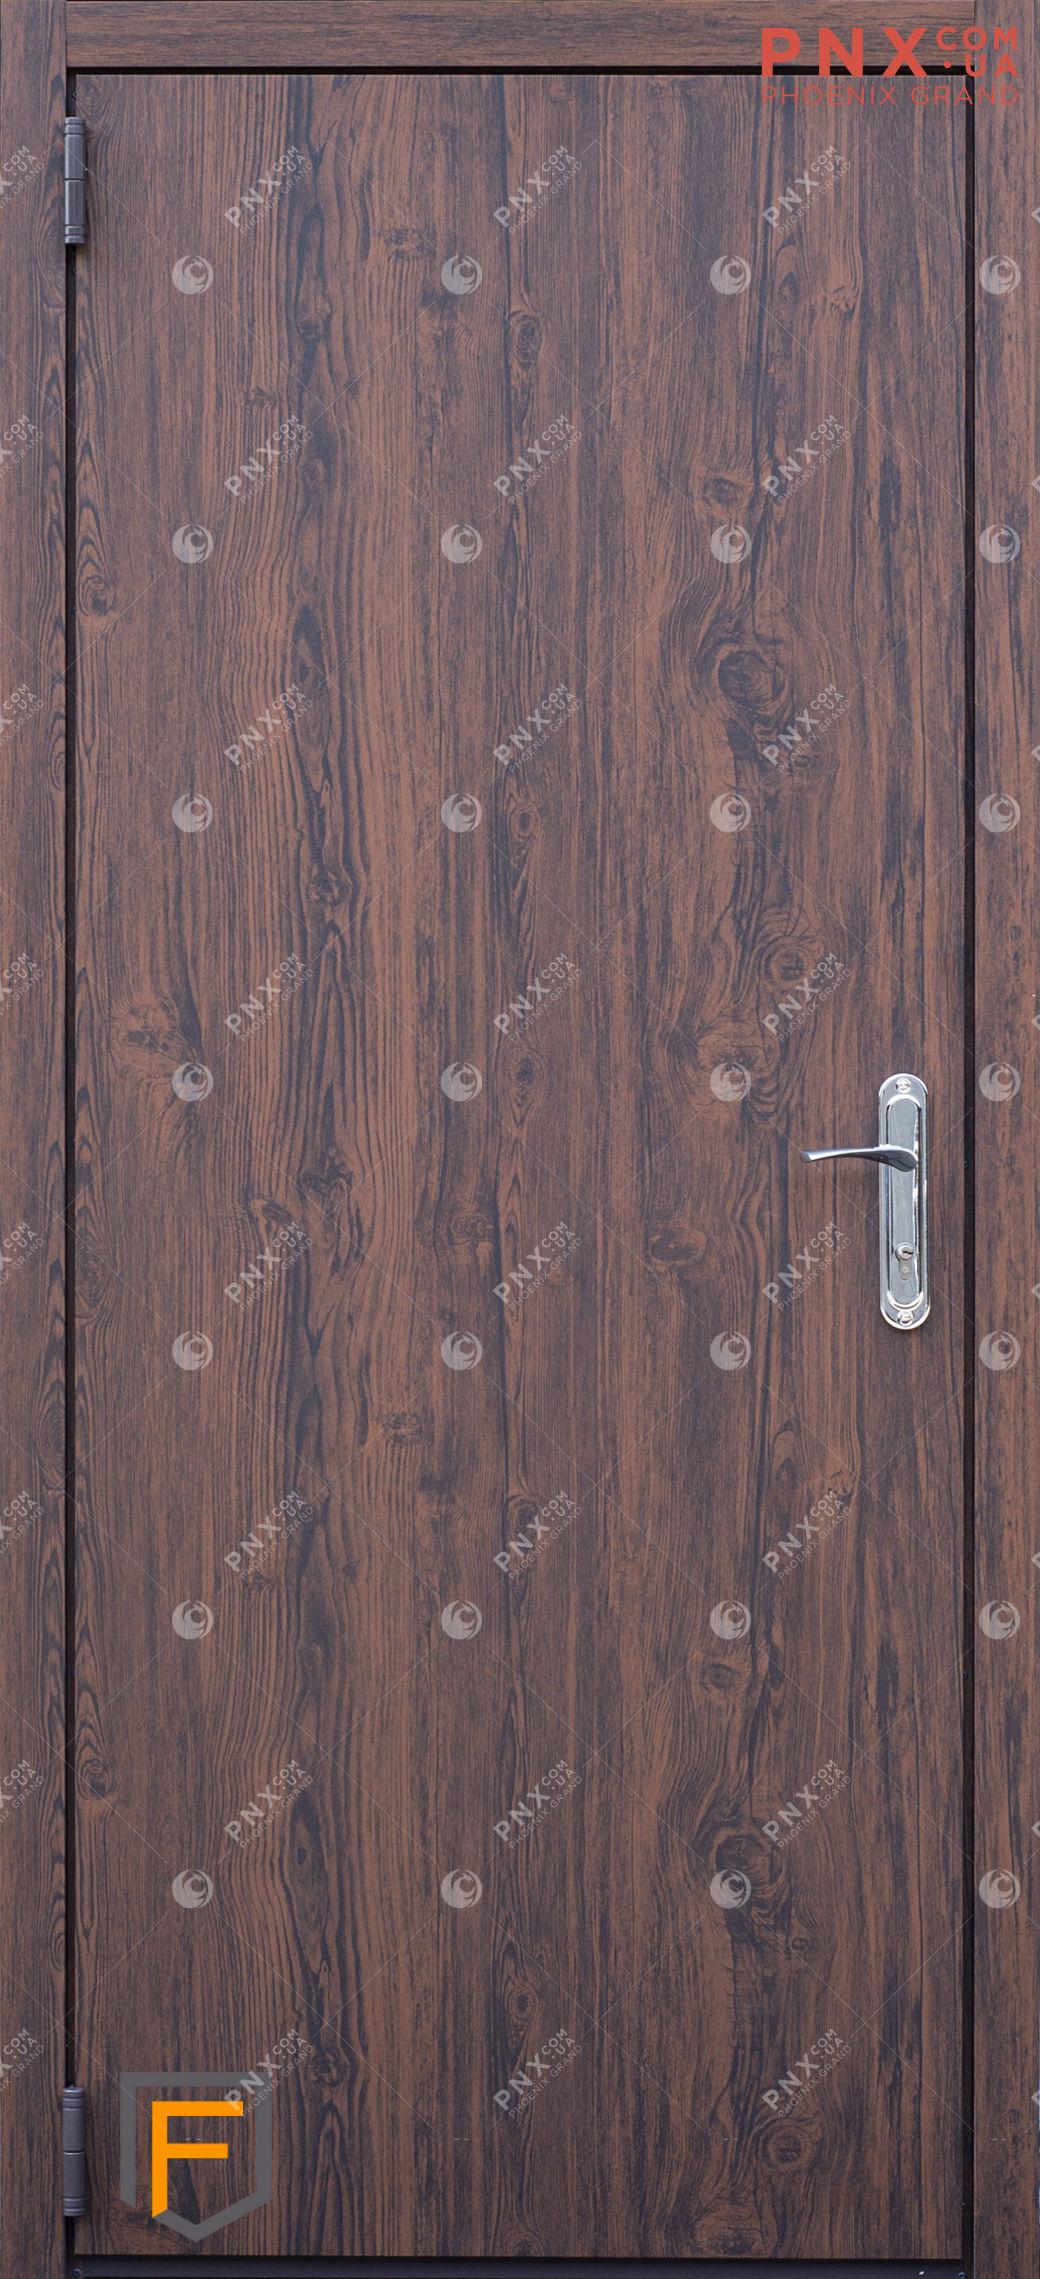 Входная дверь Форт Нокс, Техно, металл/металл темный дуб/темный дуб